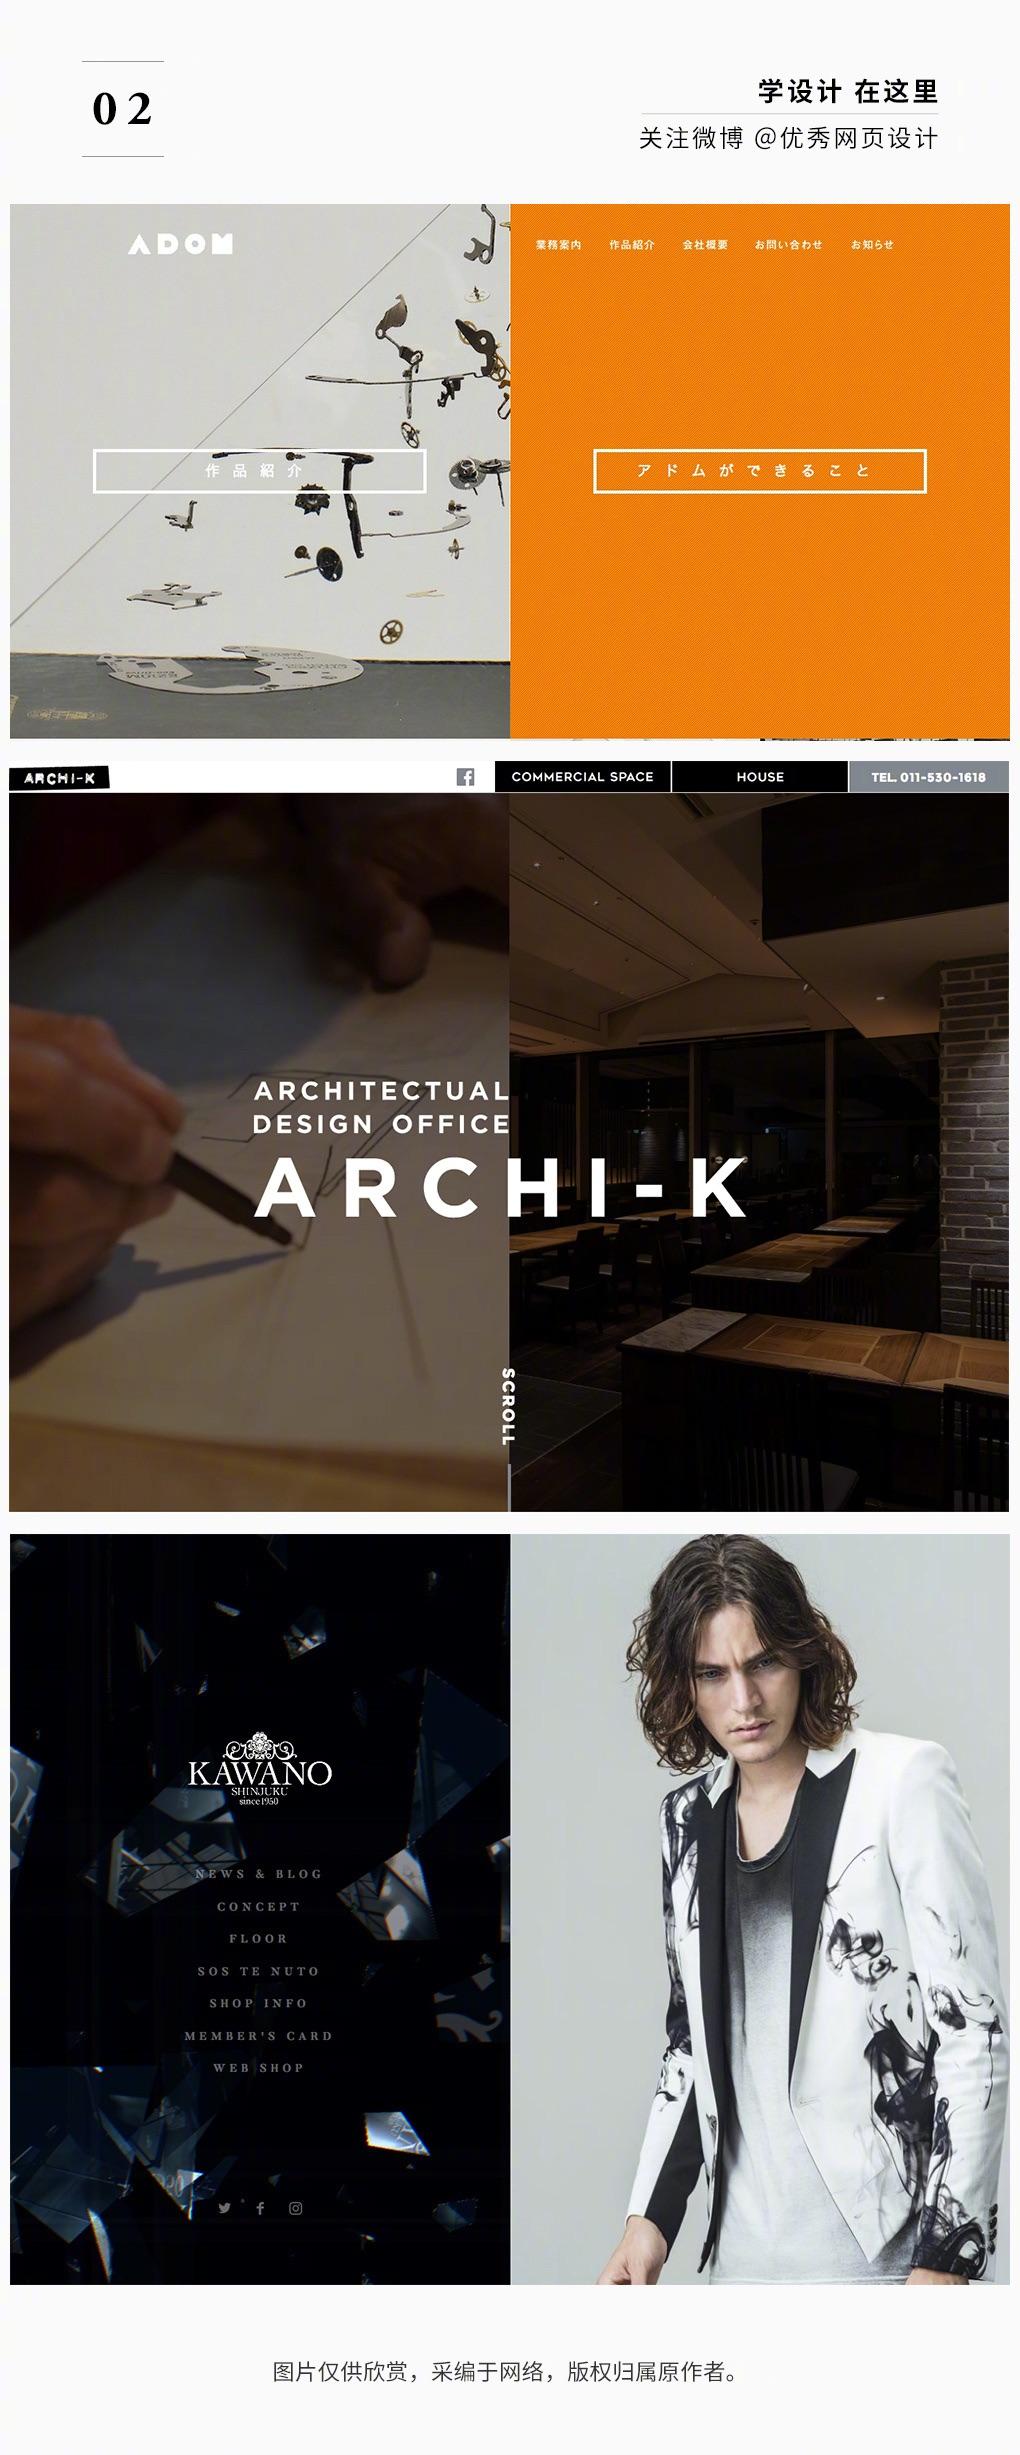 美妙绝伦的分屏网页设计!